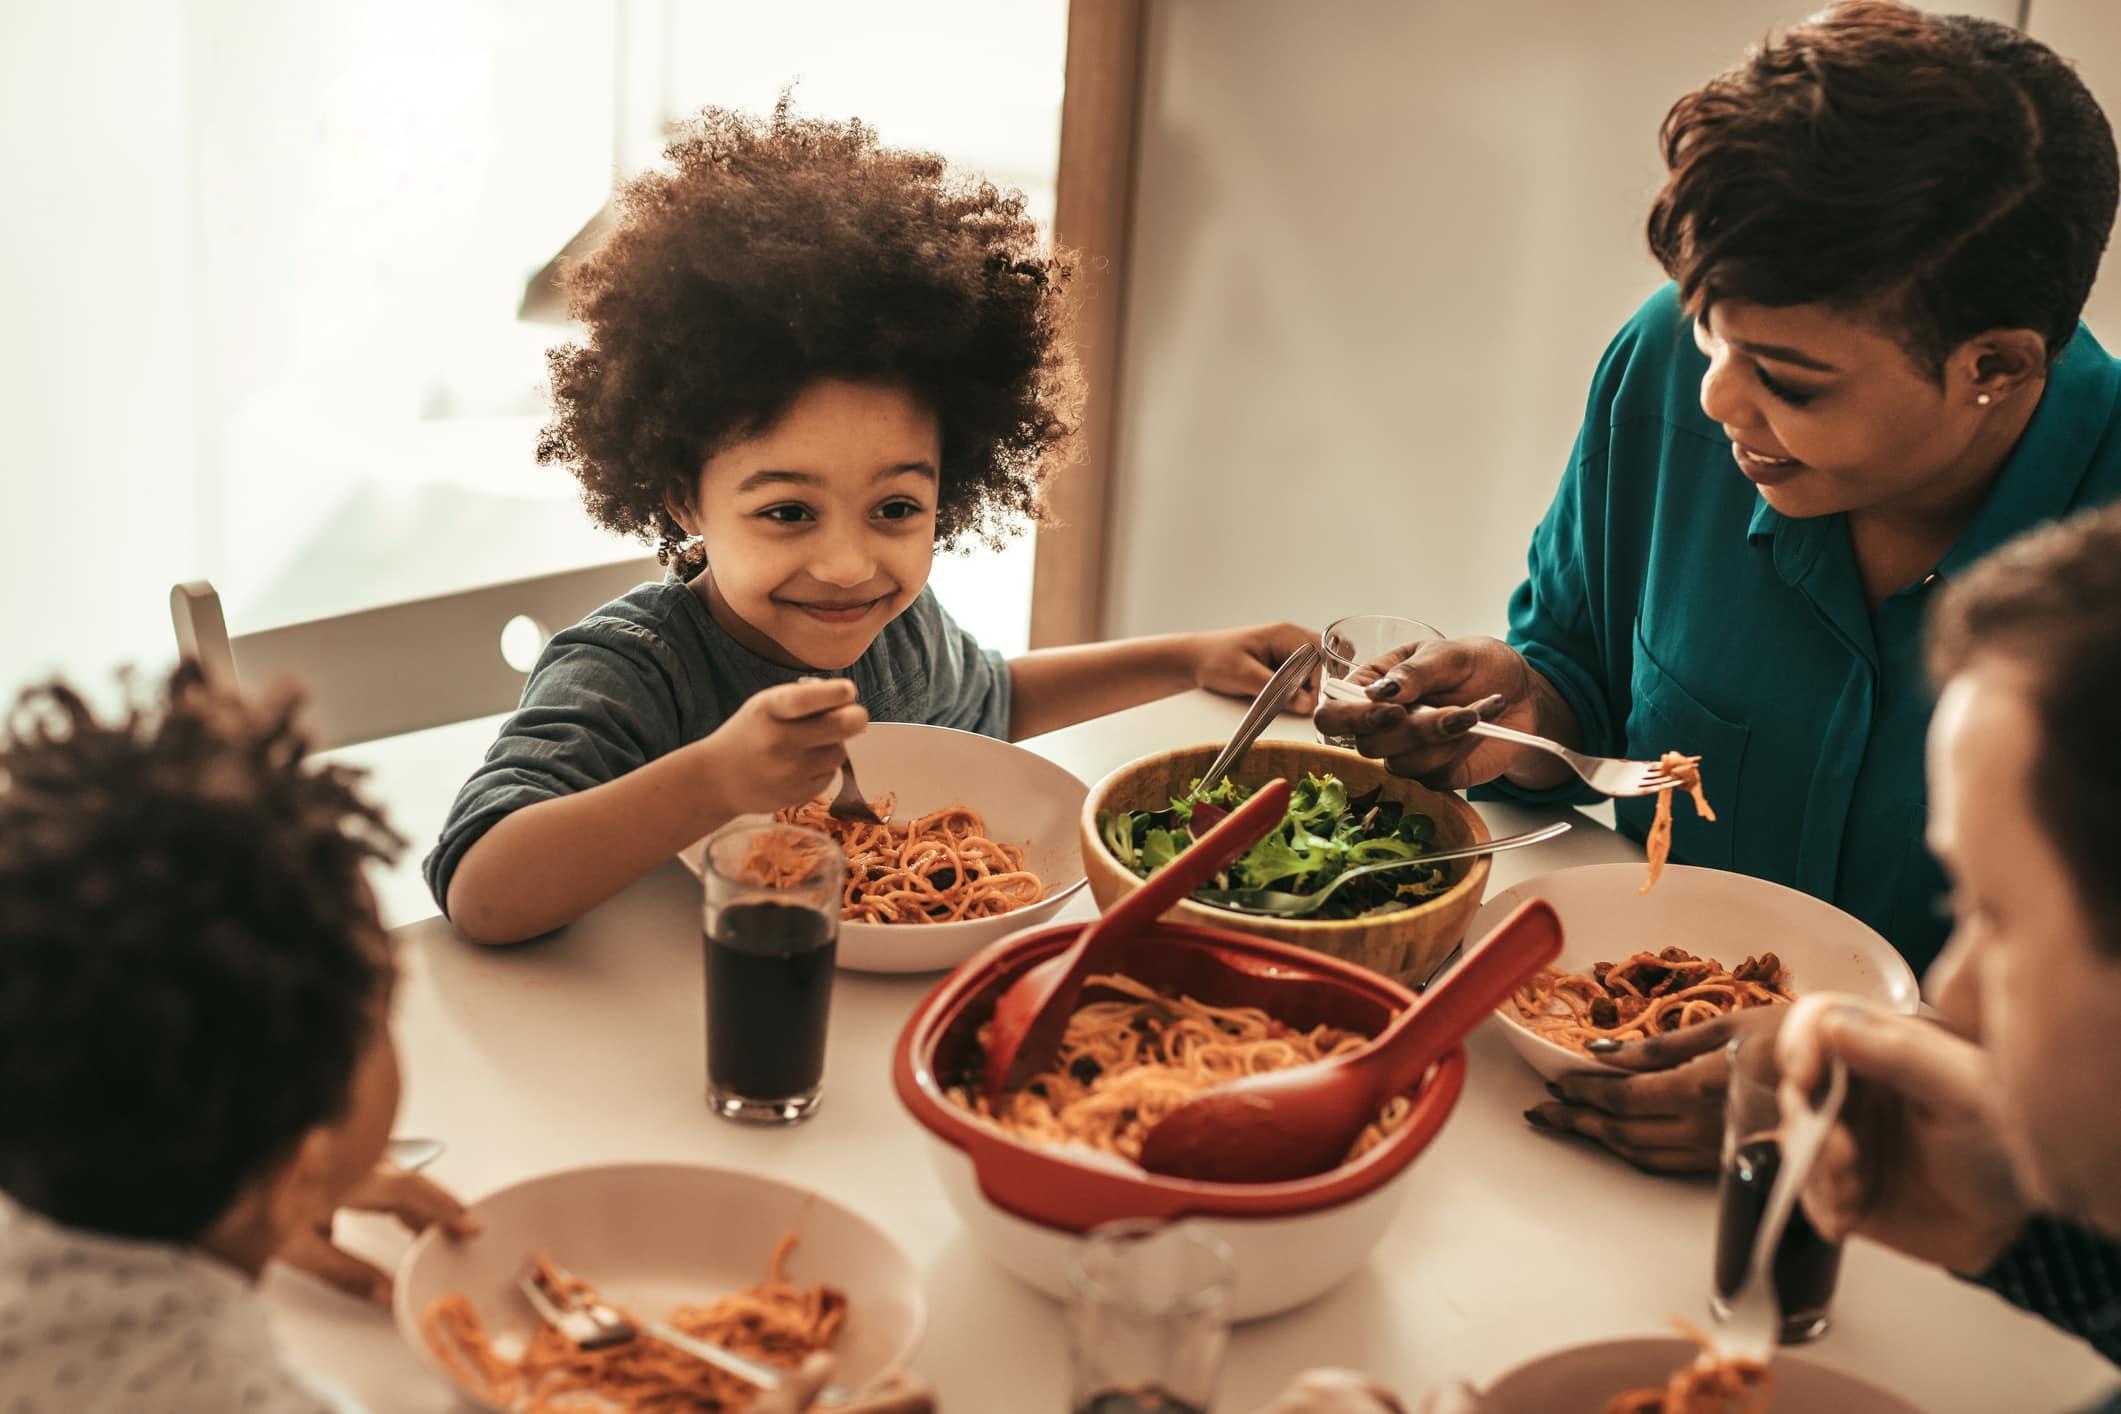 Leuke familie die samen luncht.